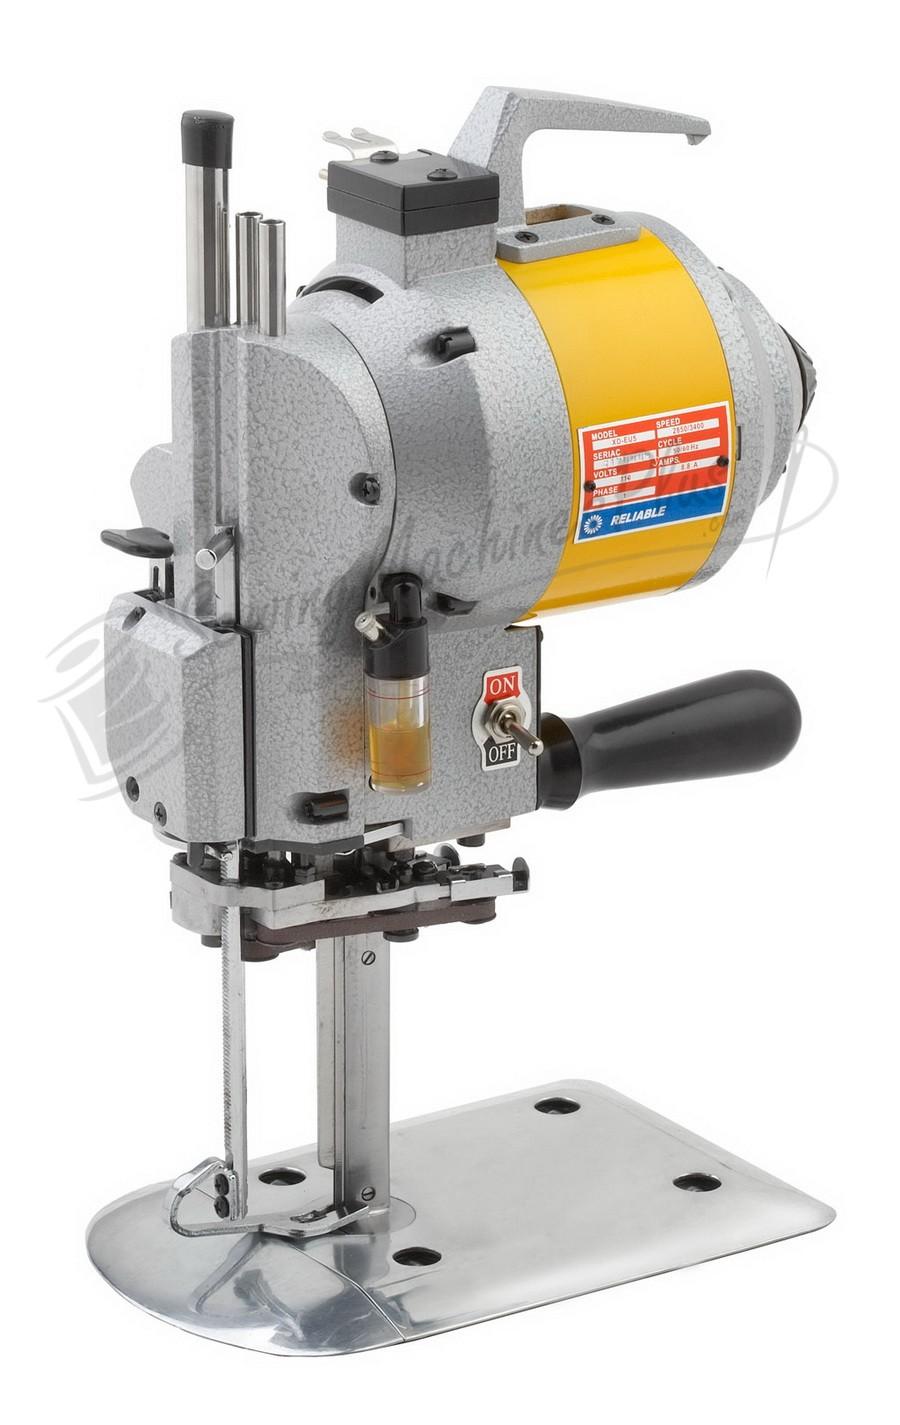 Máquina de Cortar Tecidos, Faca 5